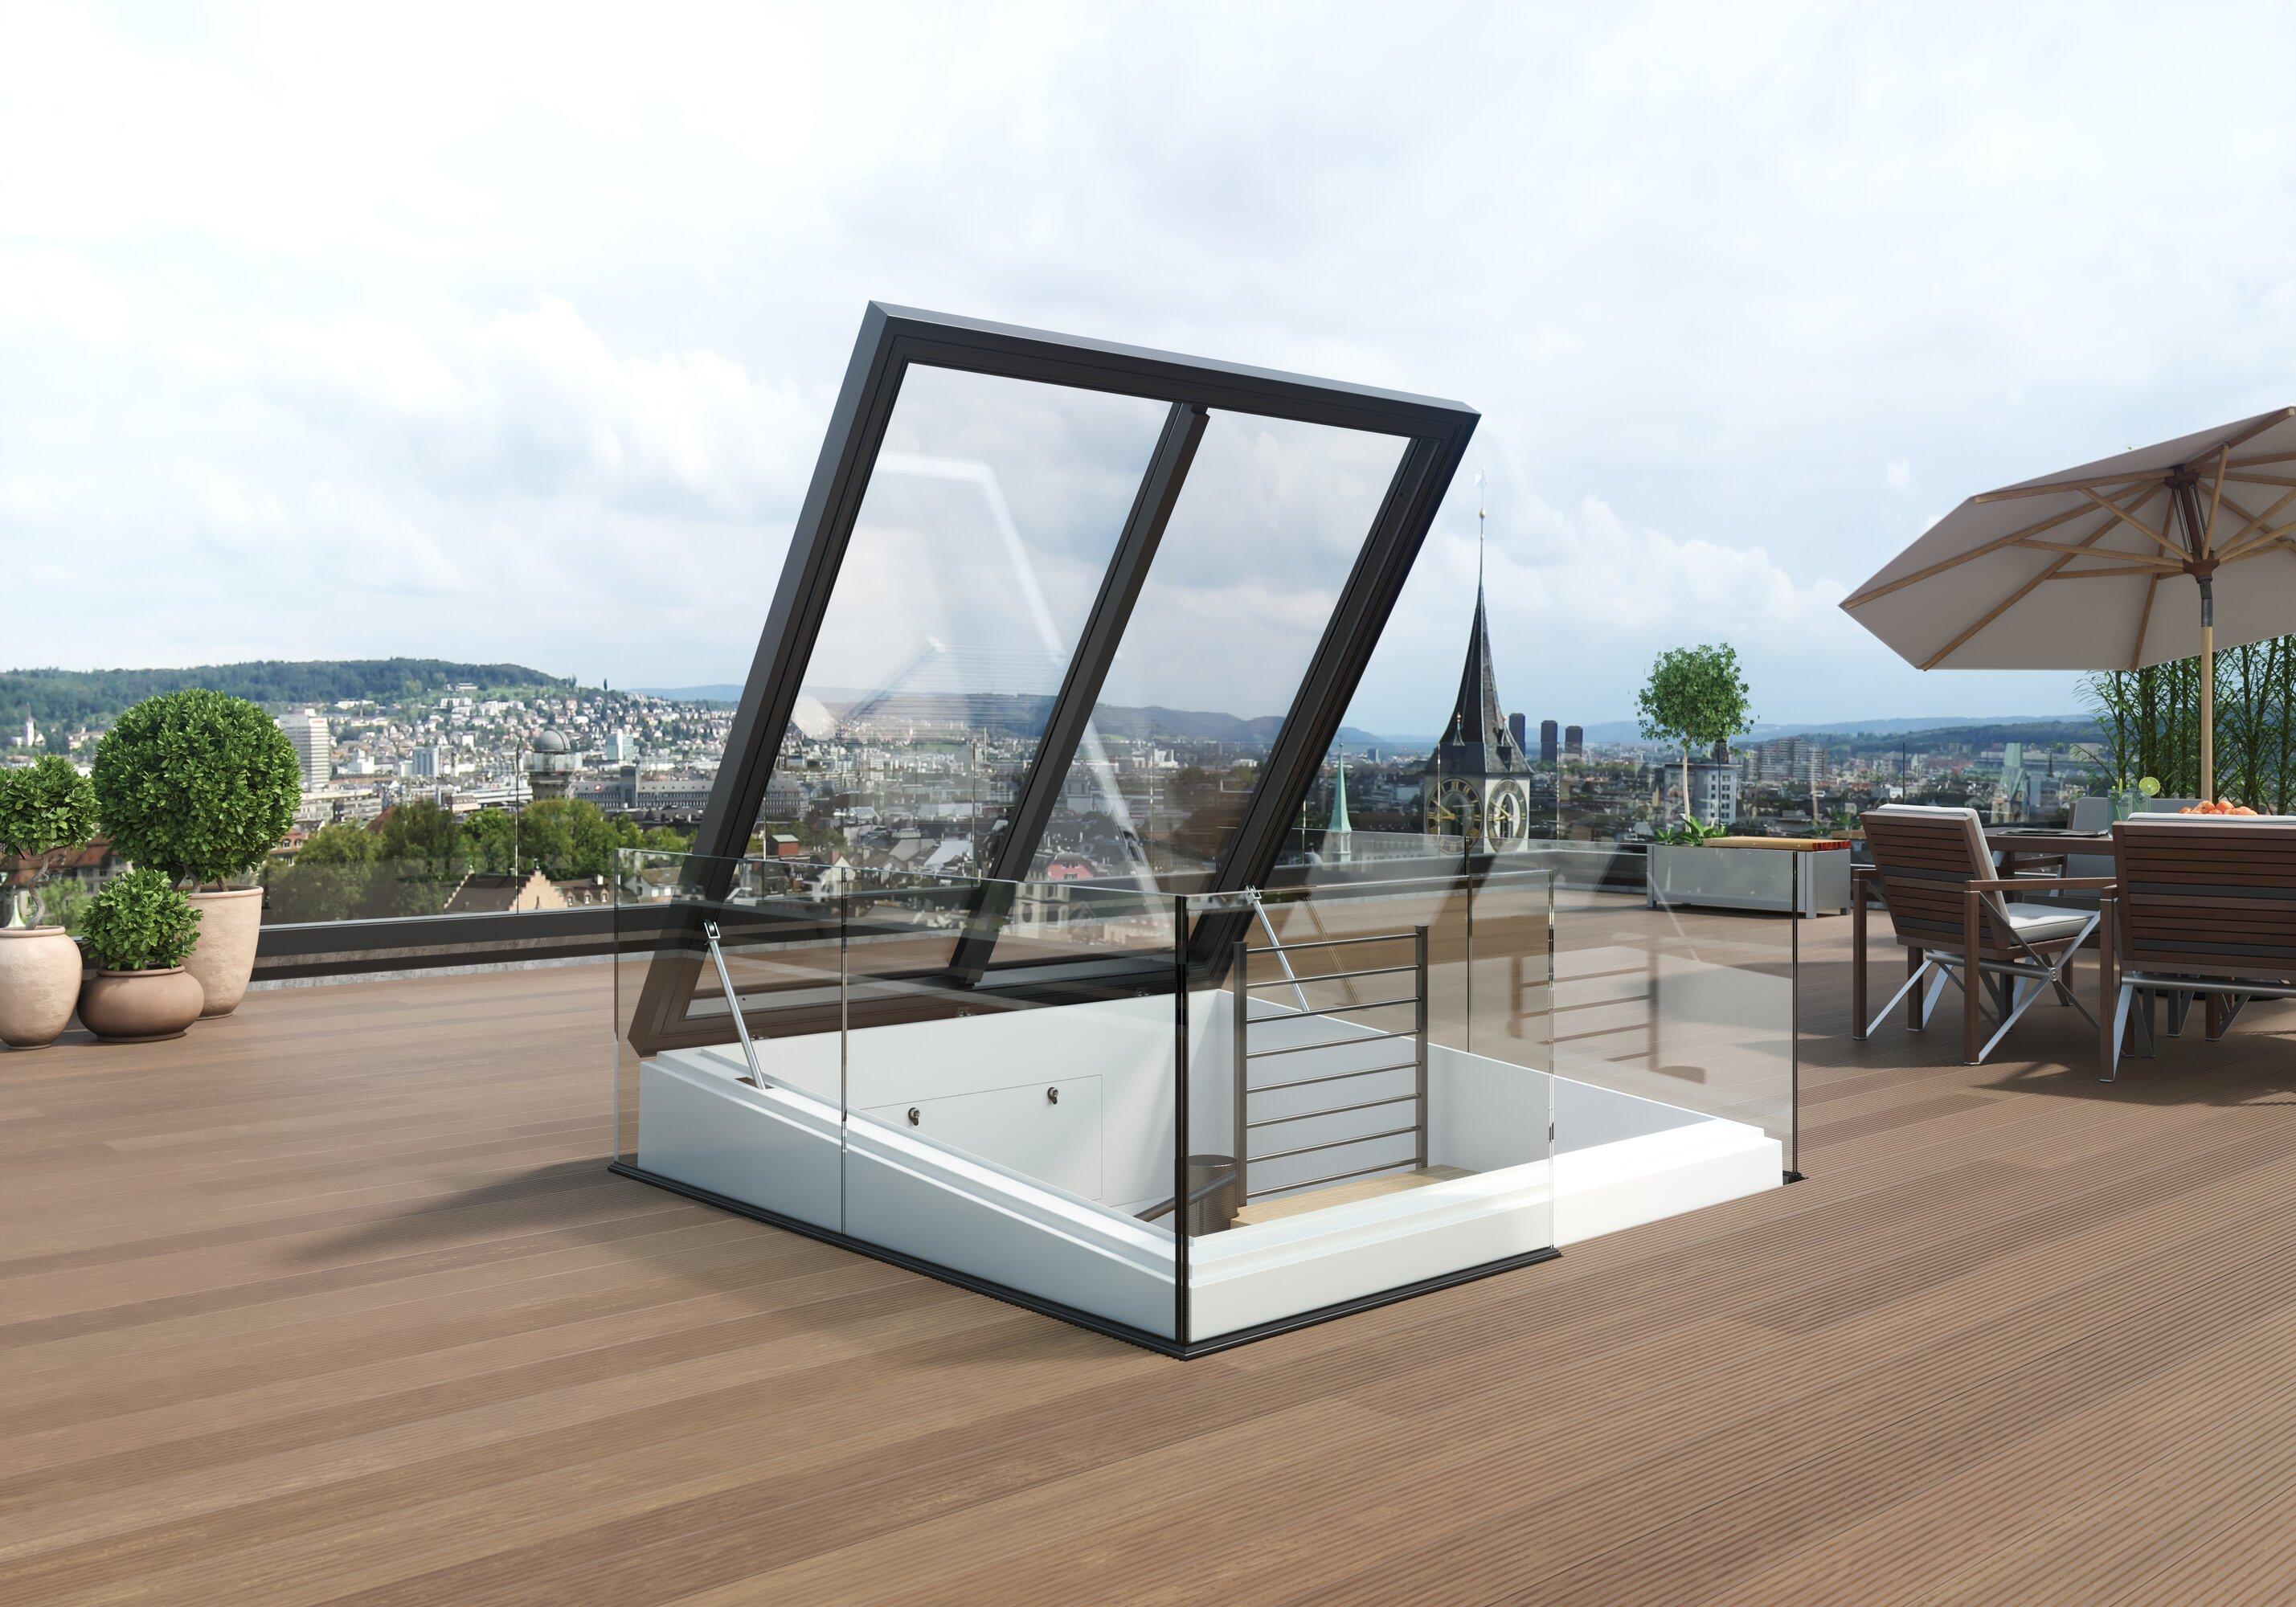 Quadratischer Ausstieg ermöglicht Wendeltreppe zur Dachterrasse